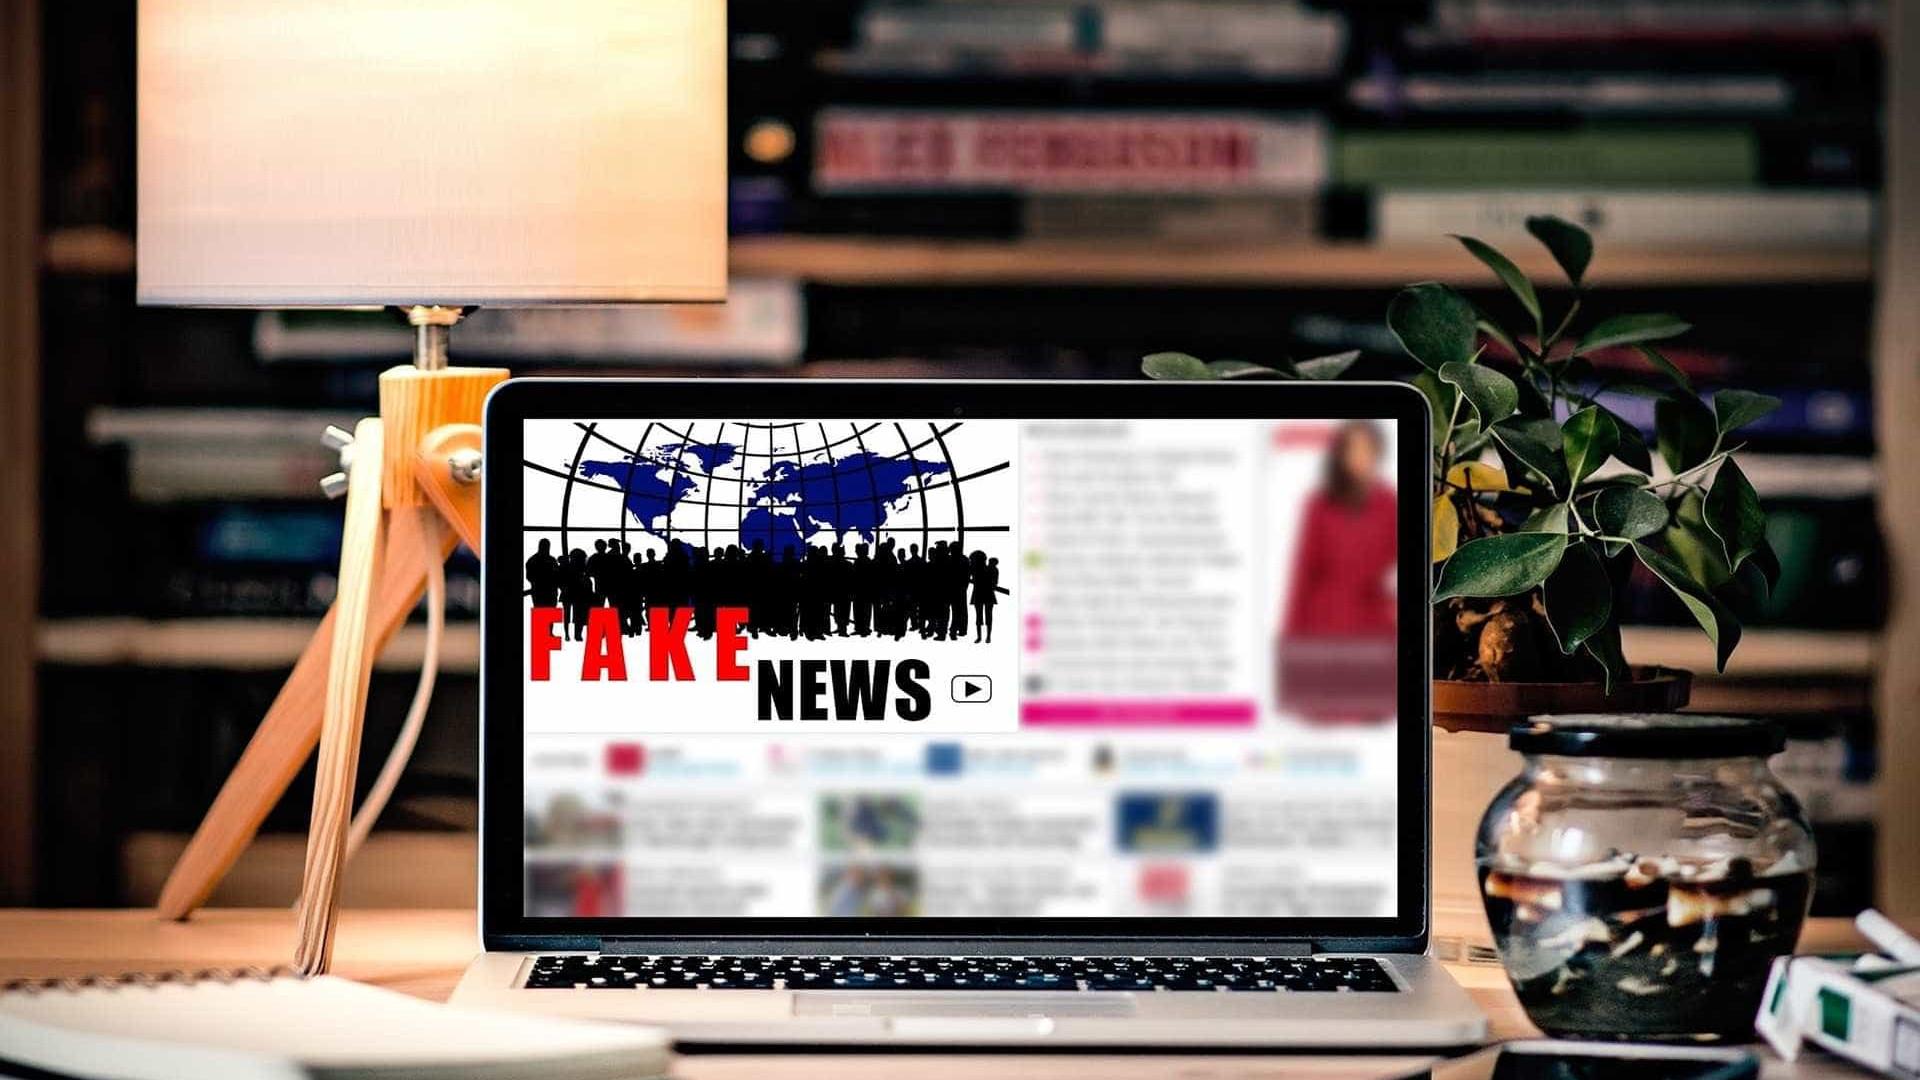 Conselho de 'fake news' não se reúne há 2 meses